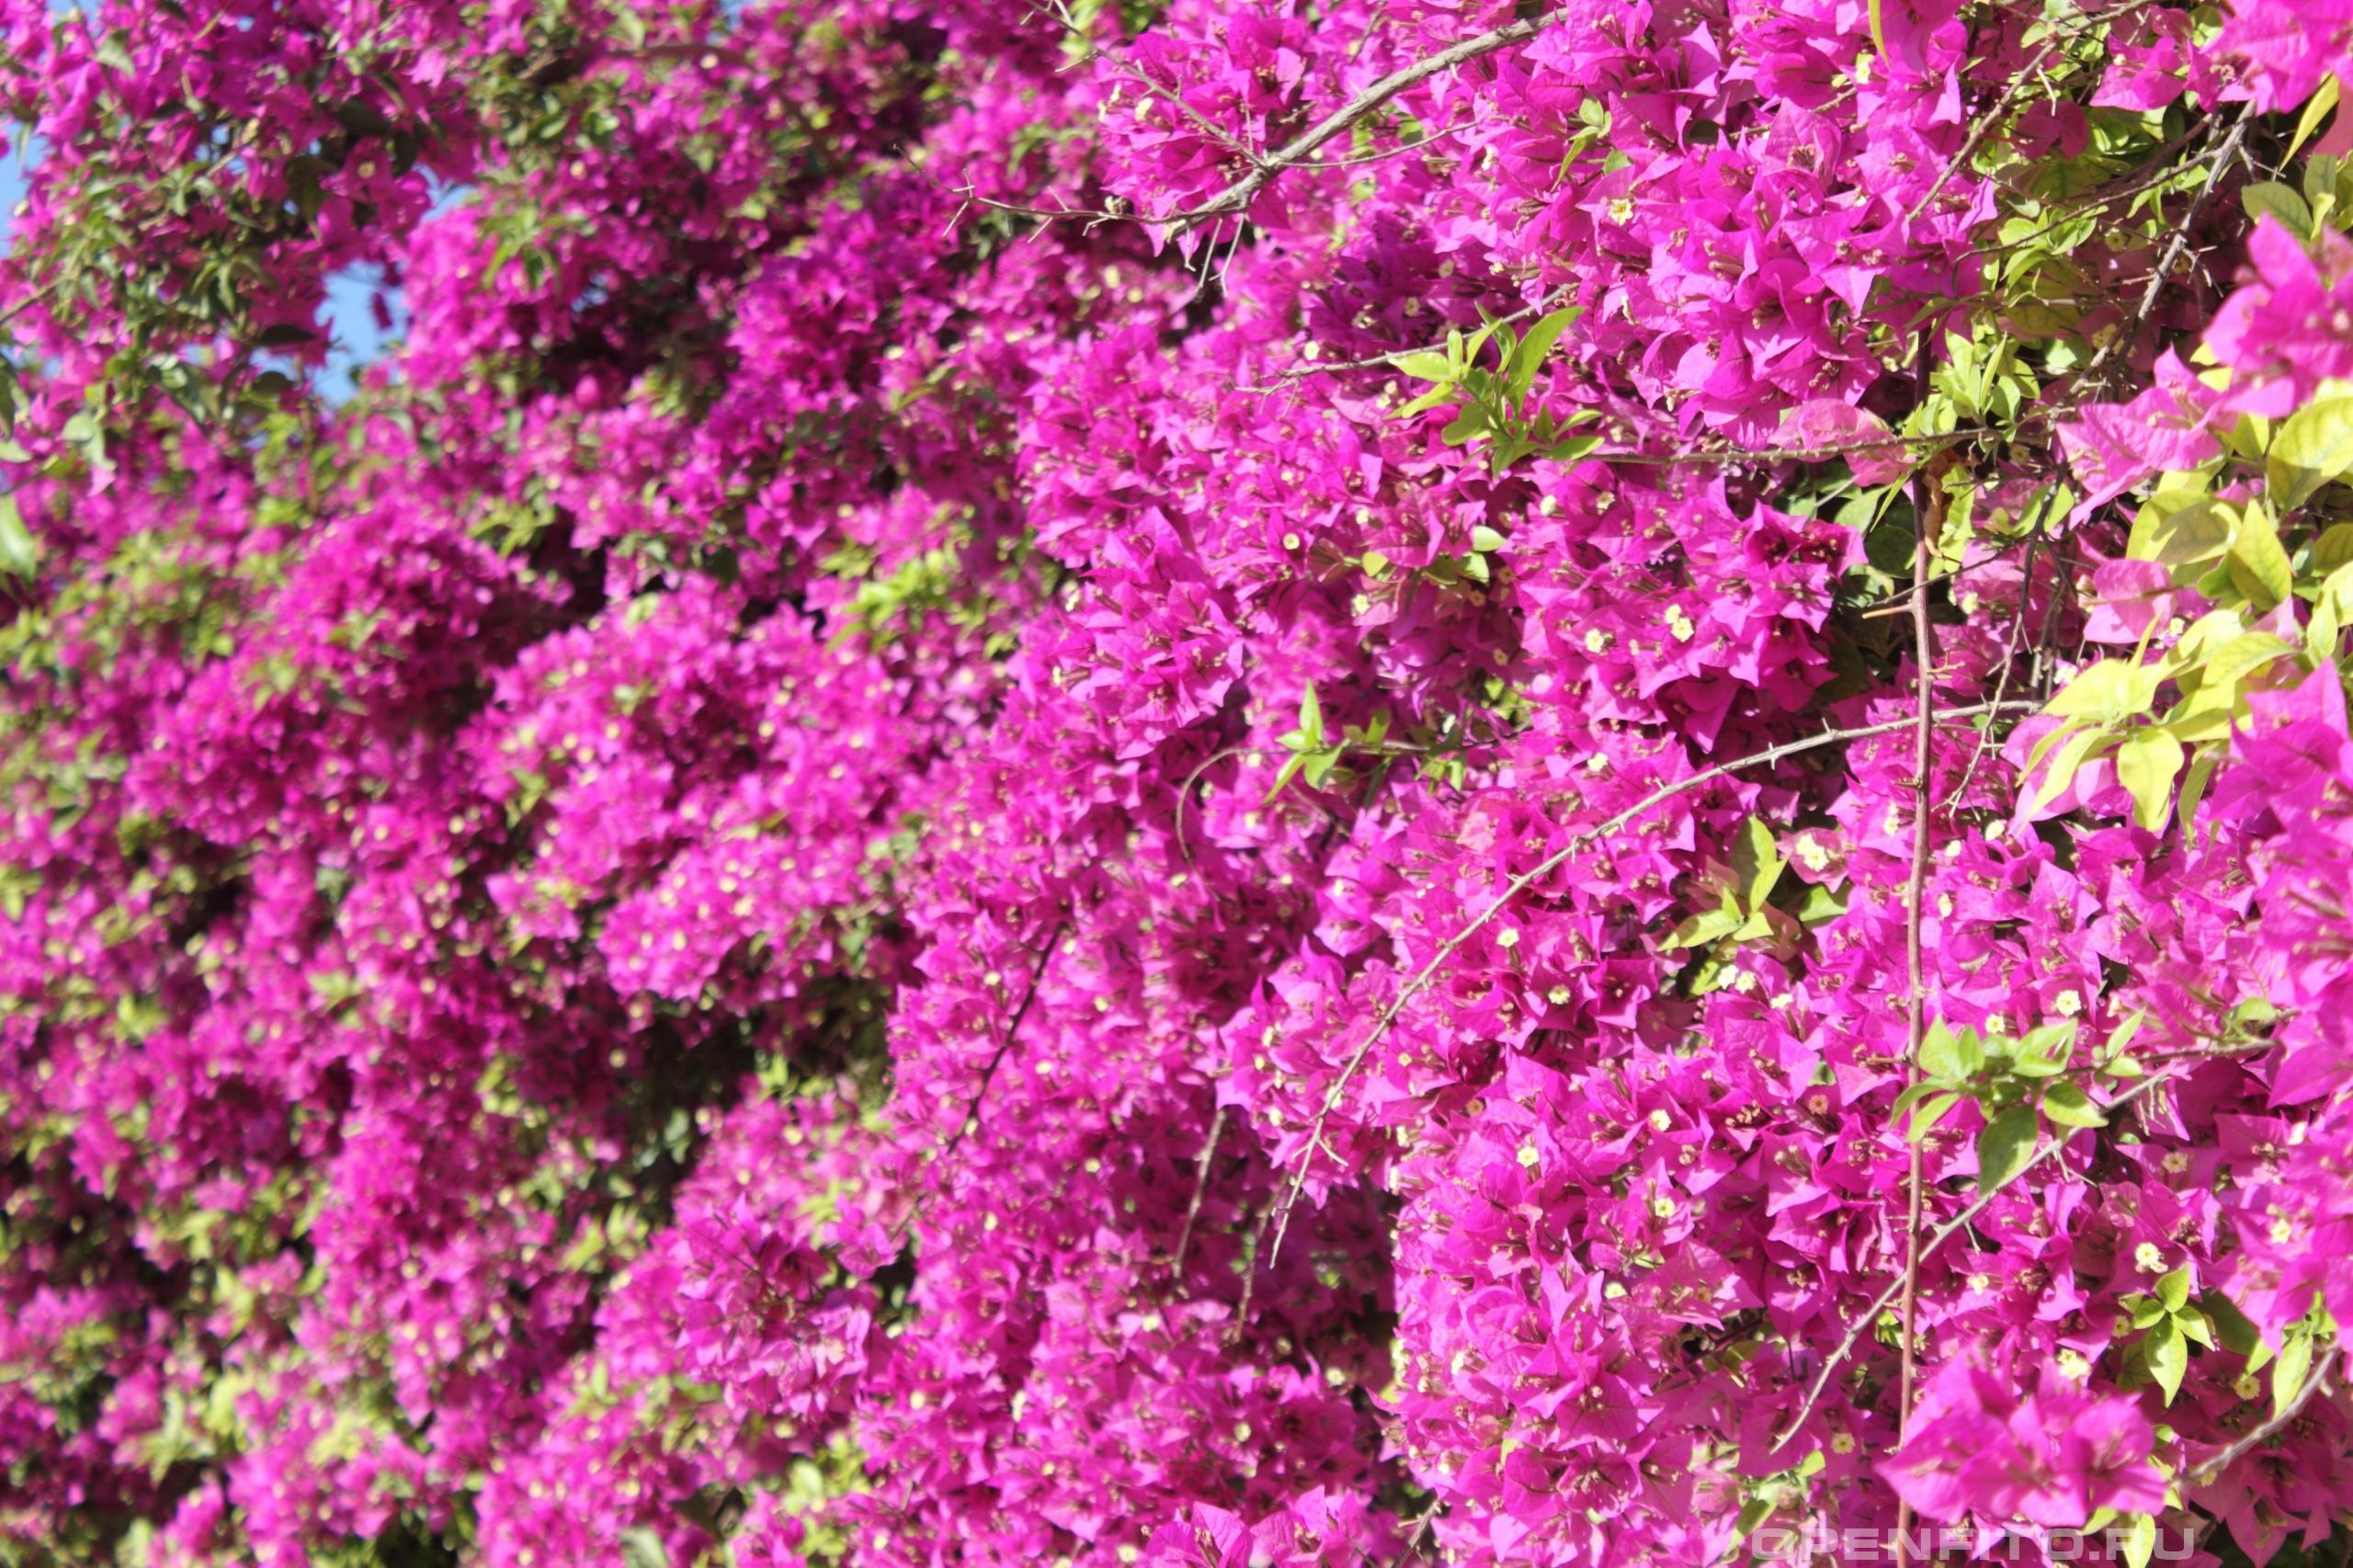 Бугаинвиллея прекрасная ковер из цветов